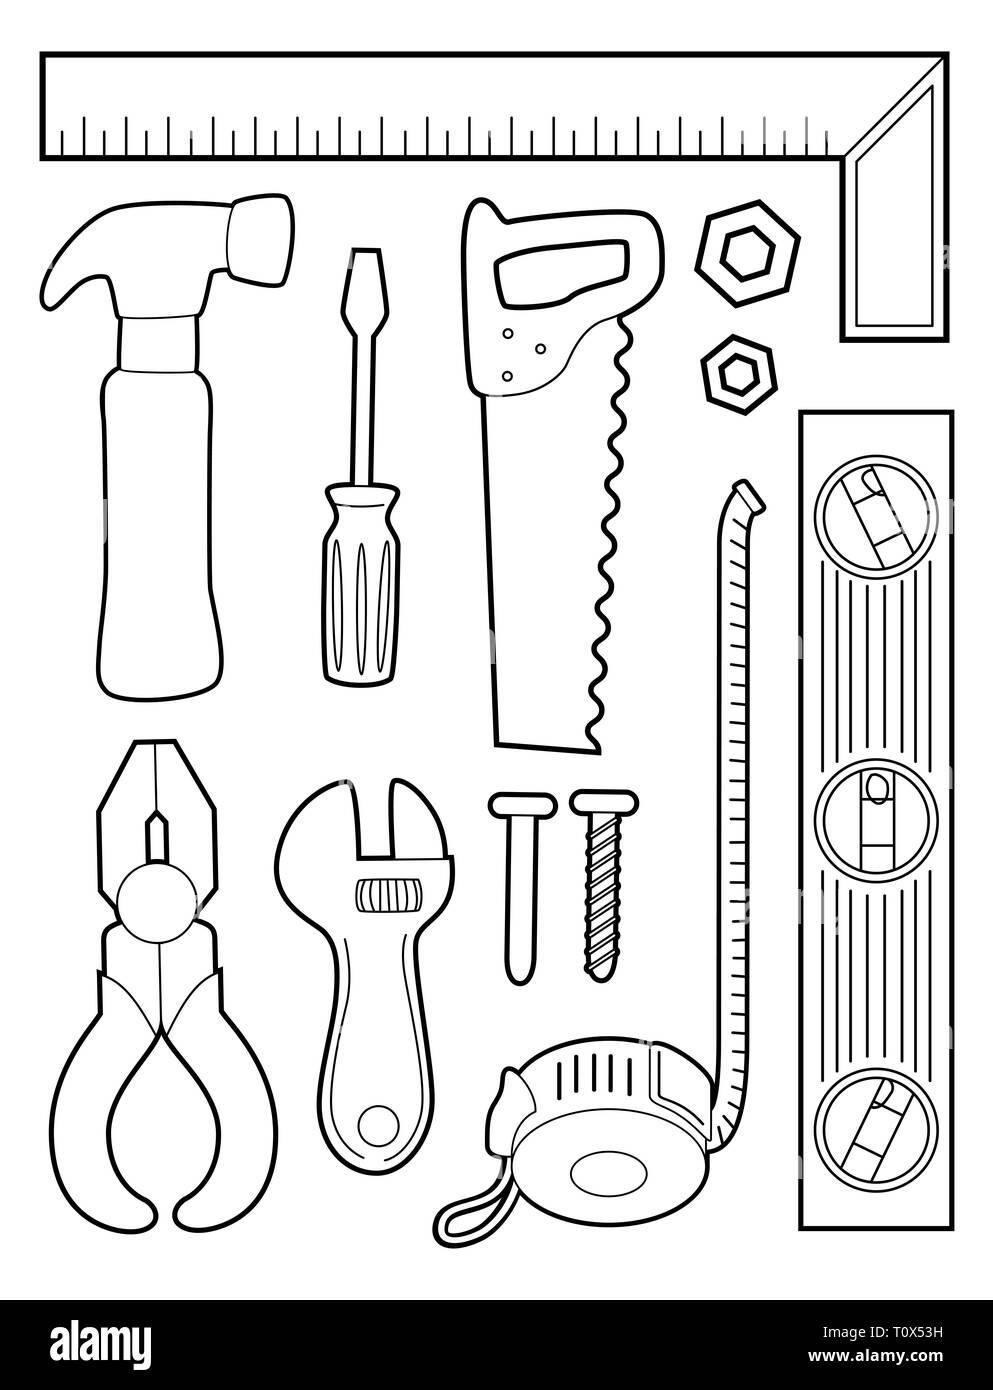 Cartoon Pliers Imágenes De Stock Cartoon Pliers Fotos De Stock Alamy